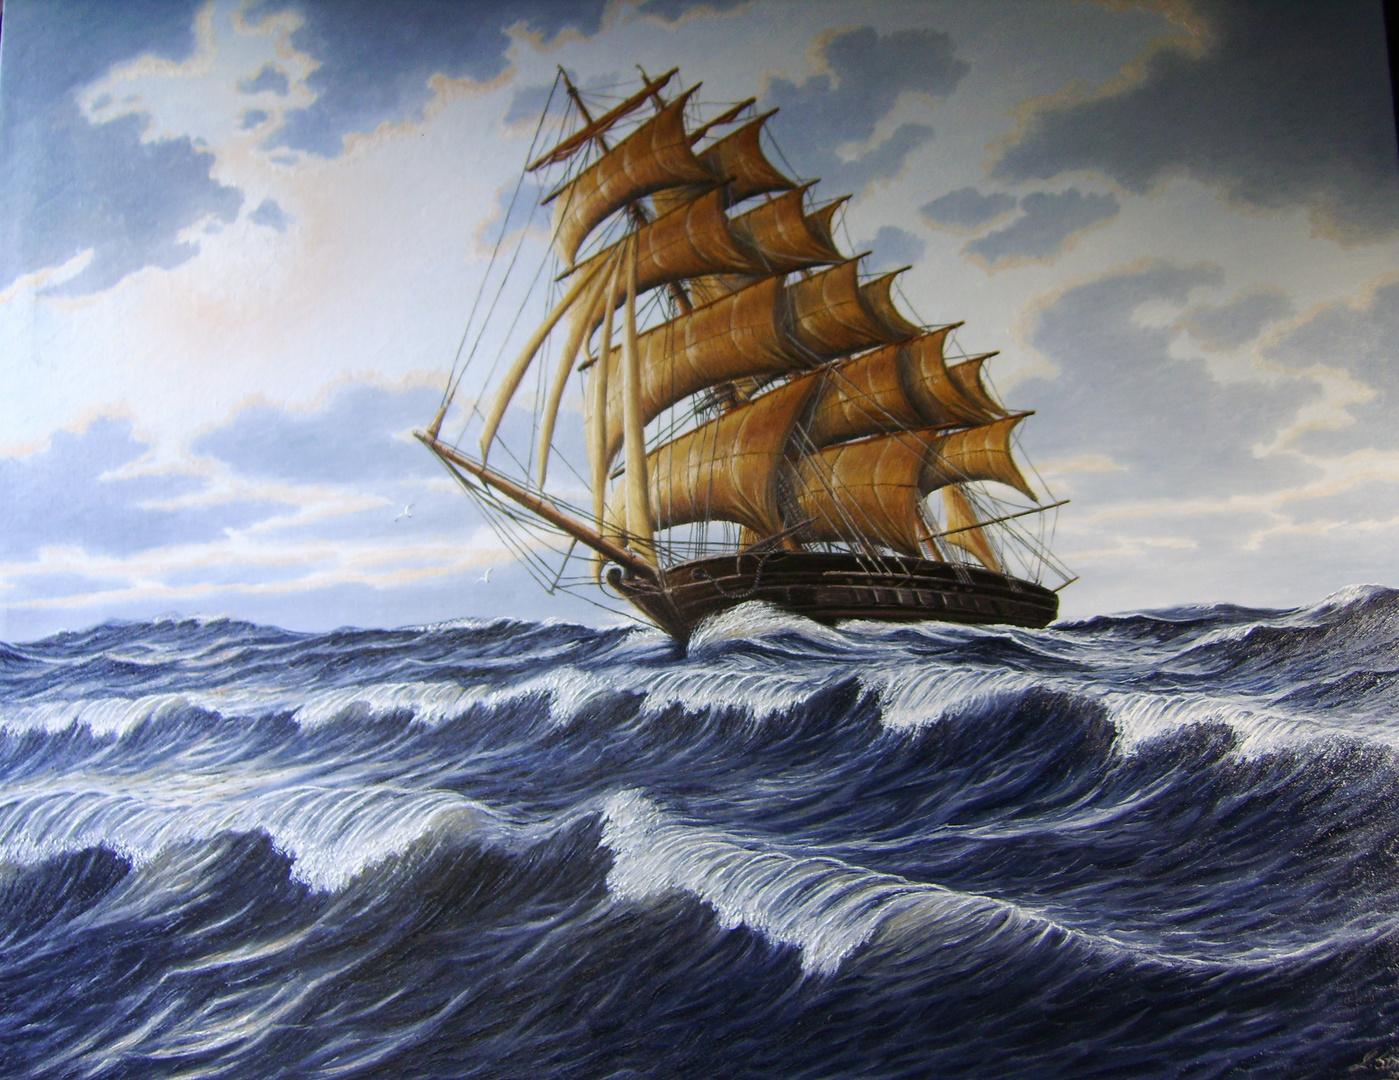 Auf der Nordsee,Großsegler